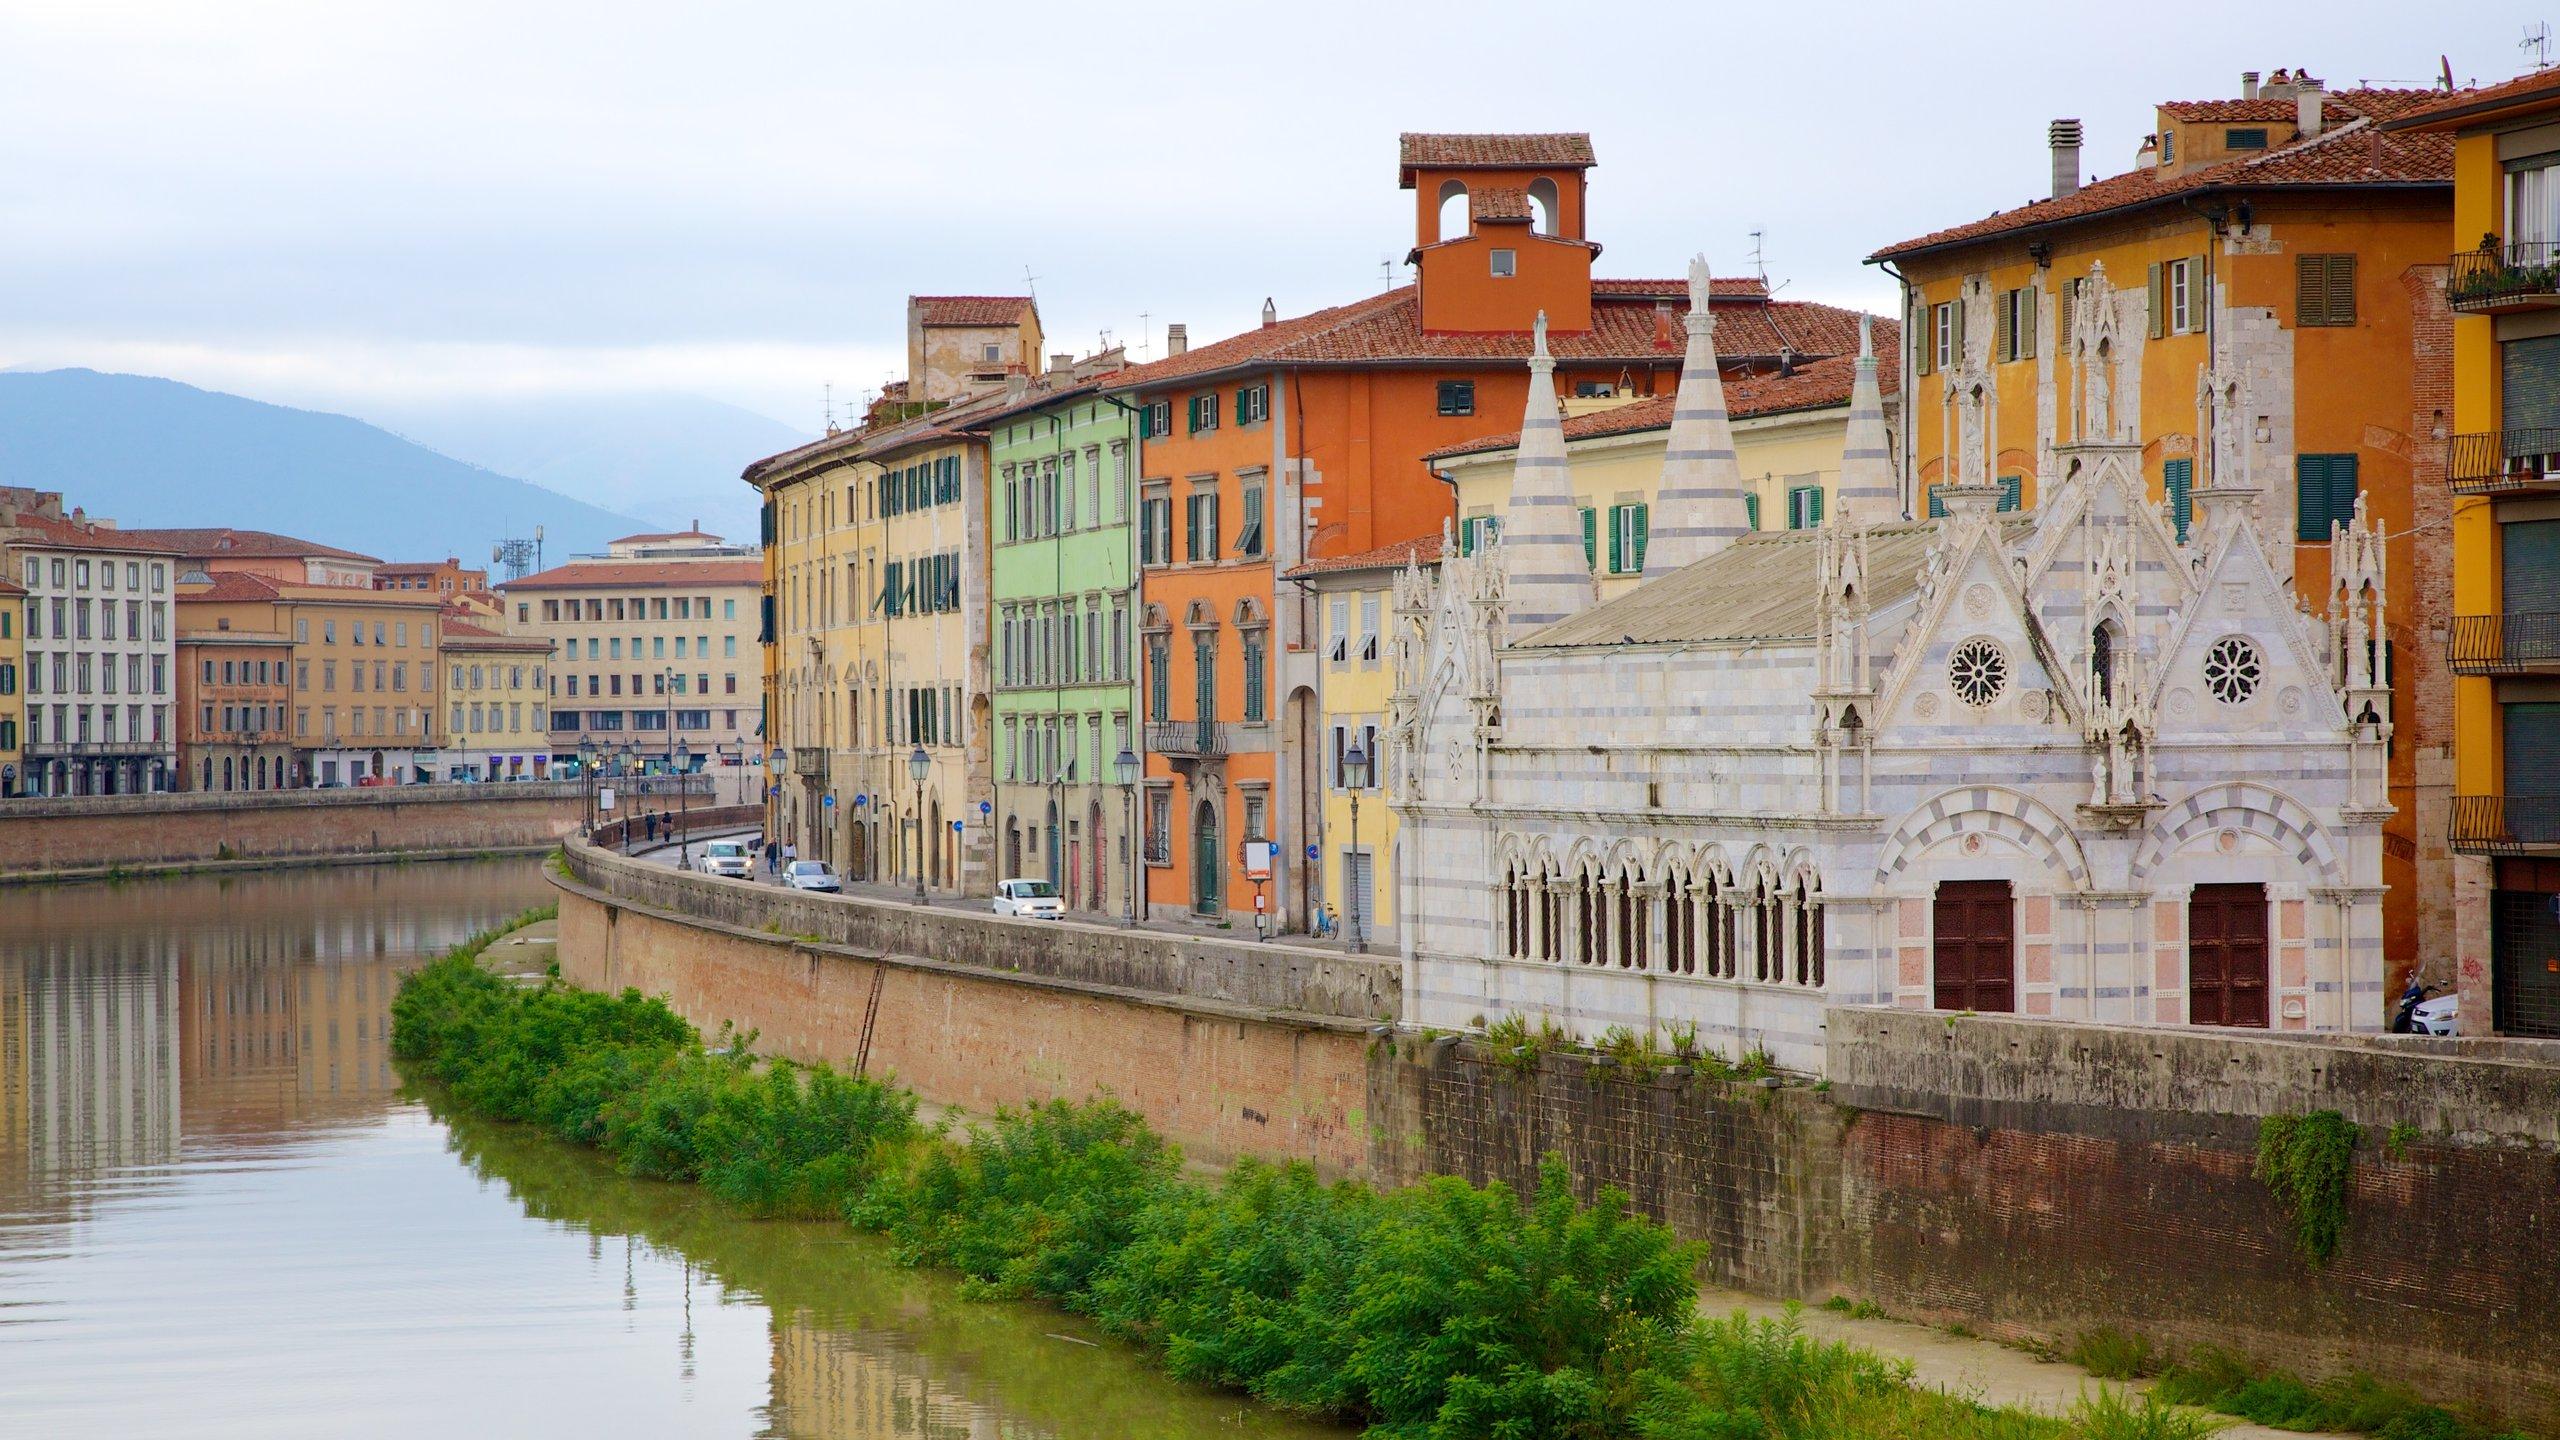 Stadtzentrum von Pisa, Pisa, Toskana, Italien